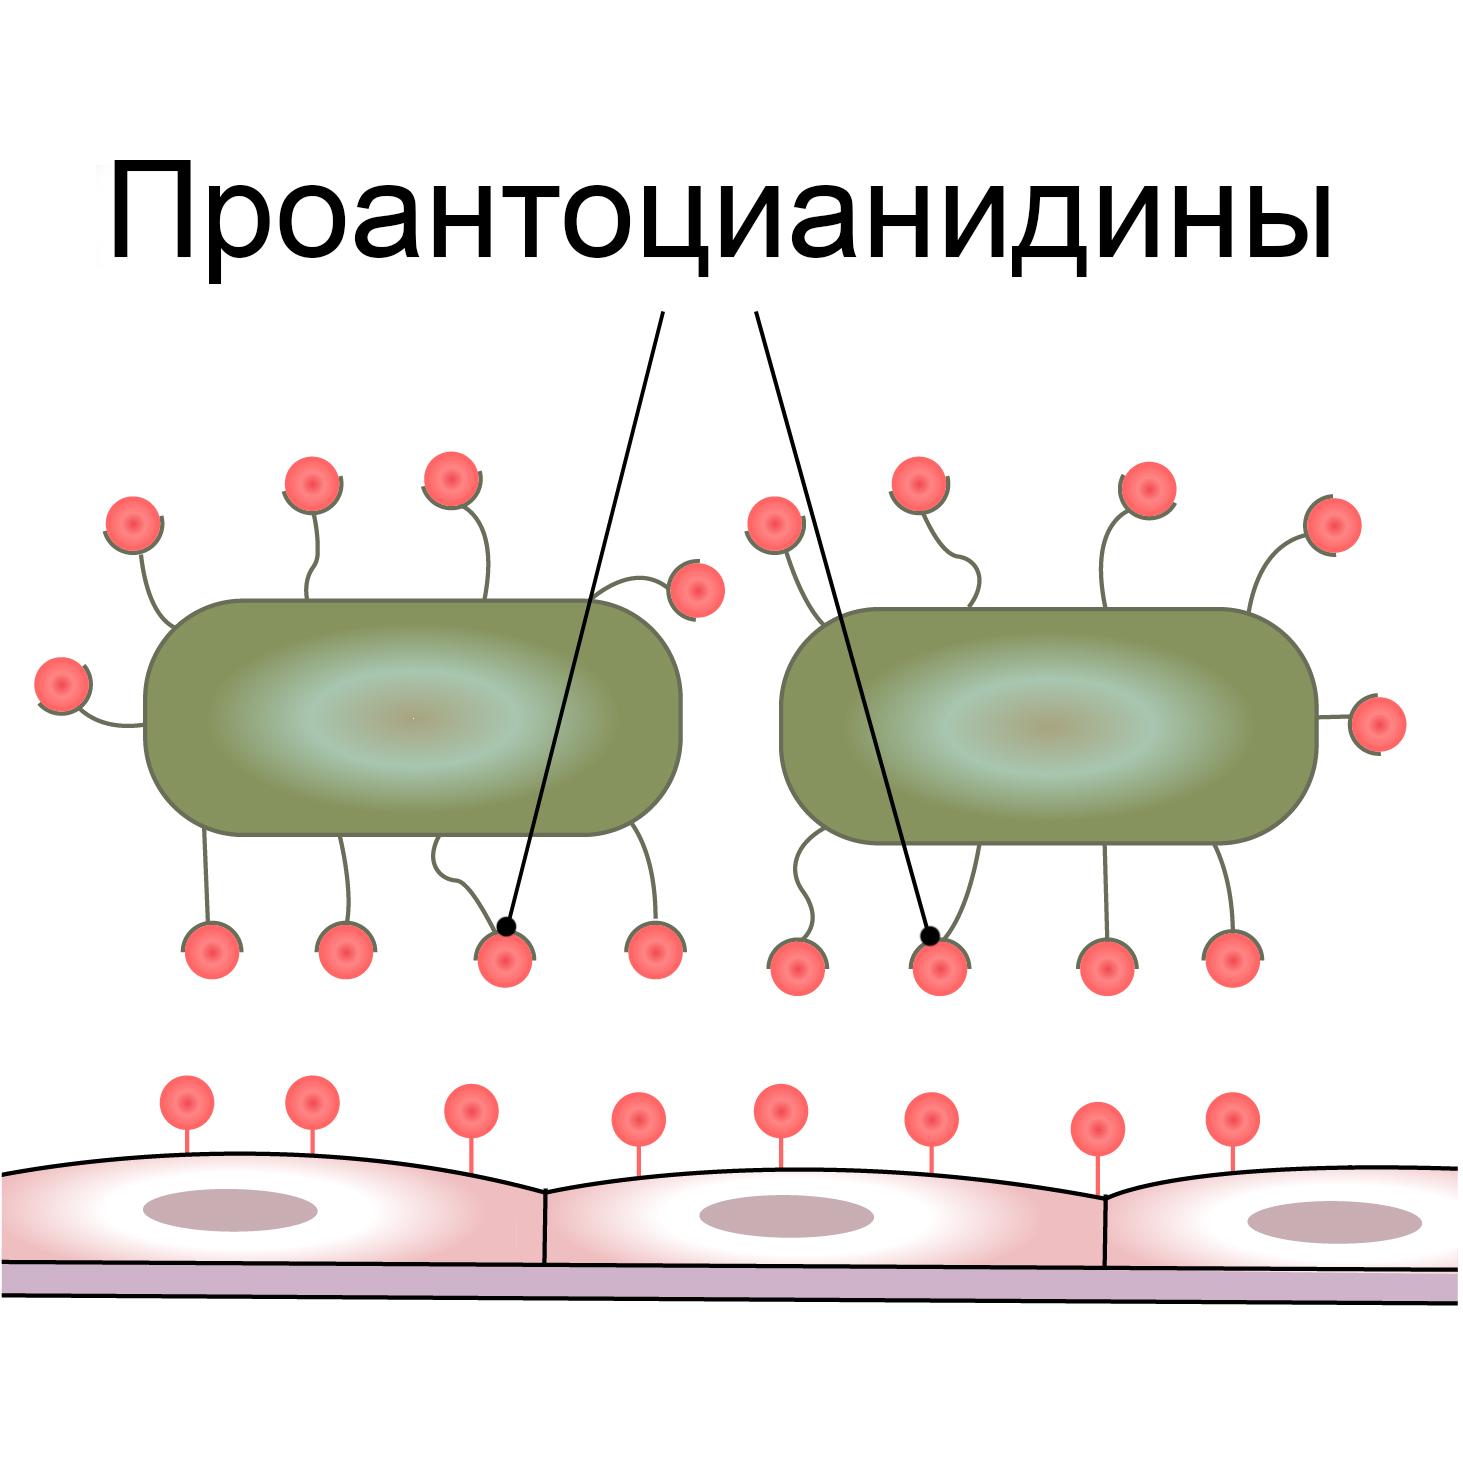 Проантоцианидины клюквы блокируют жгутики бактерии и предупреждают прикрепления к стенке мочевого пузыря